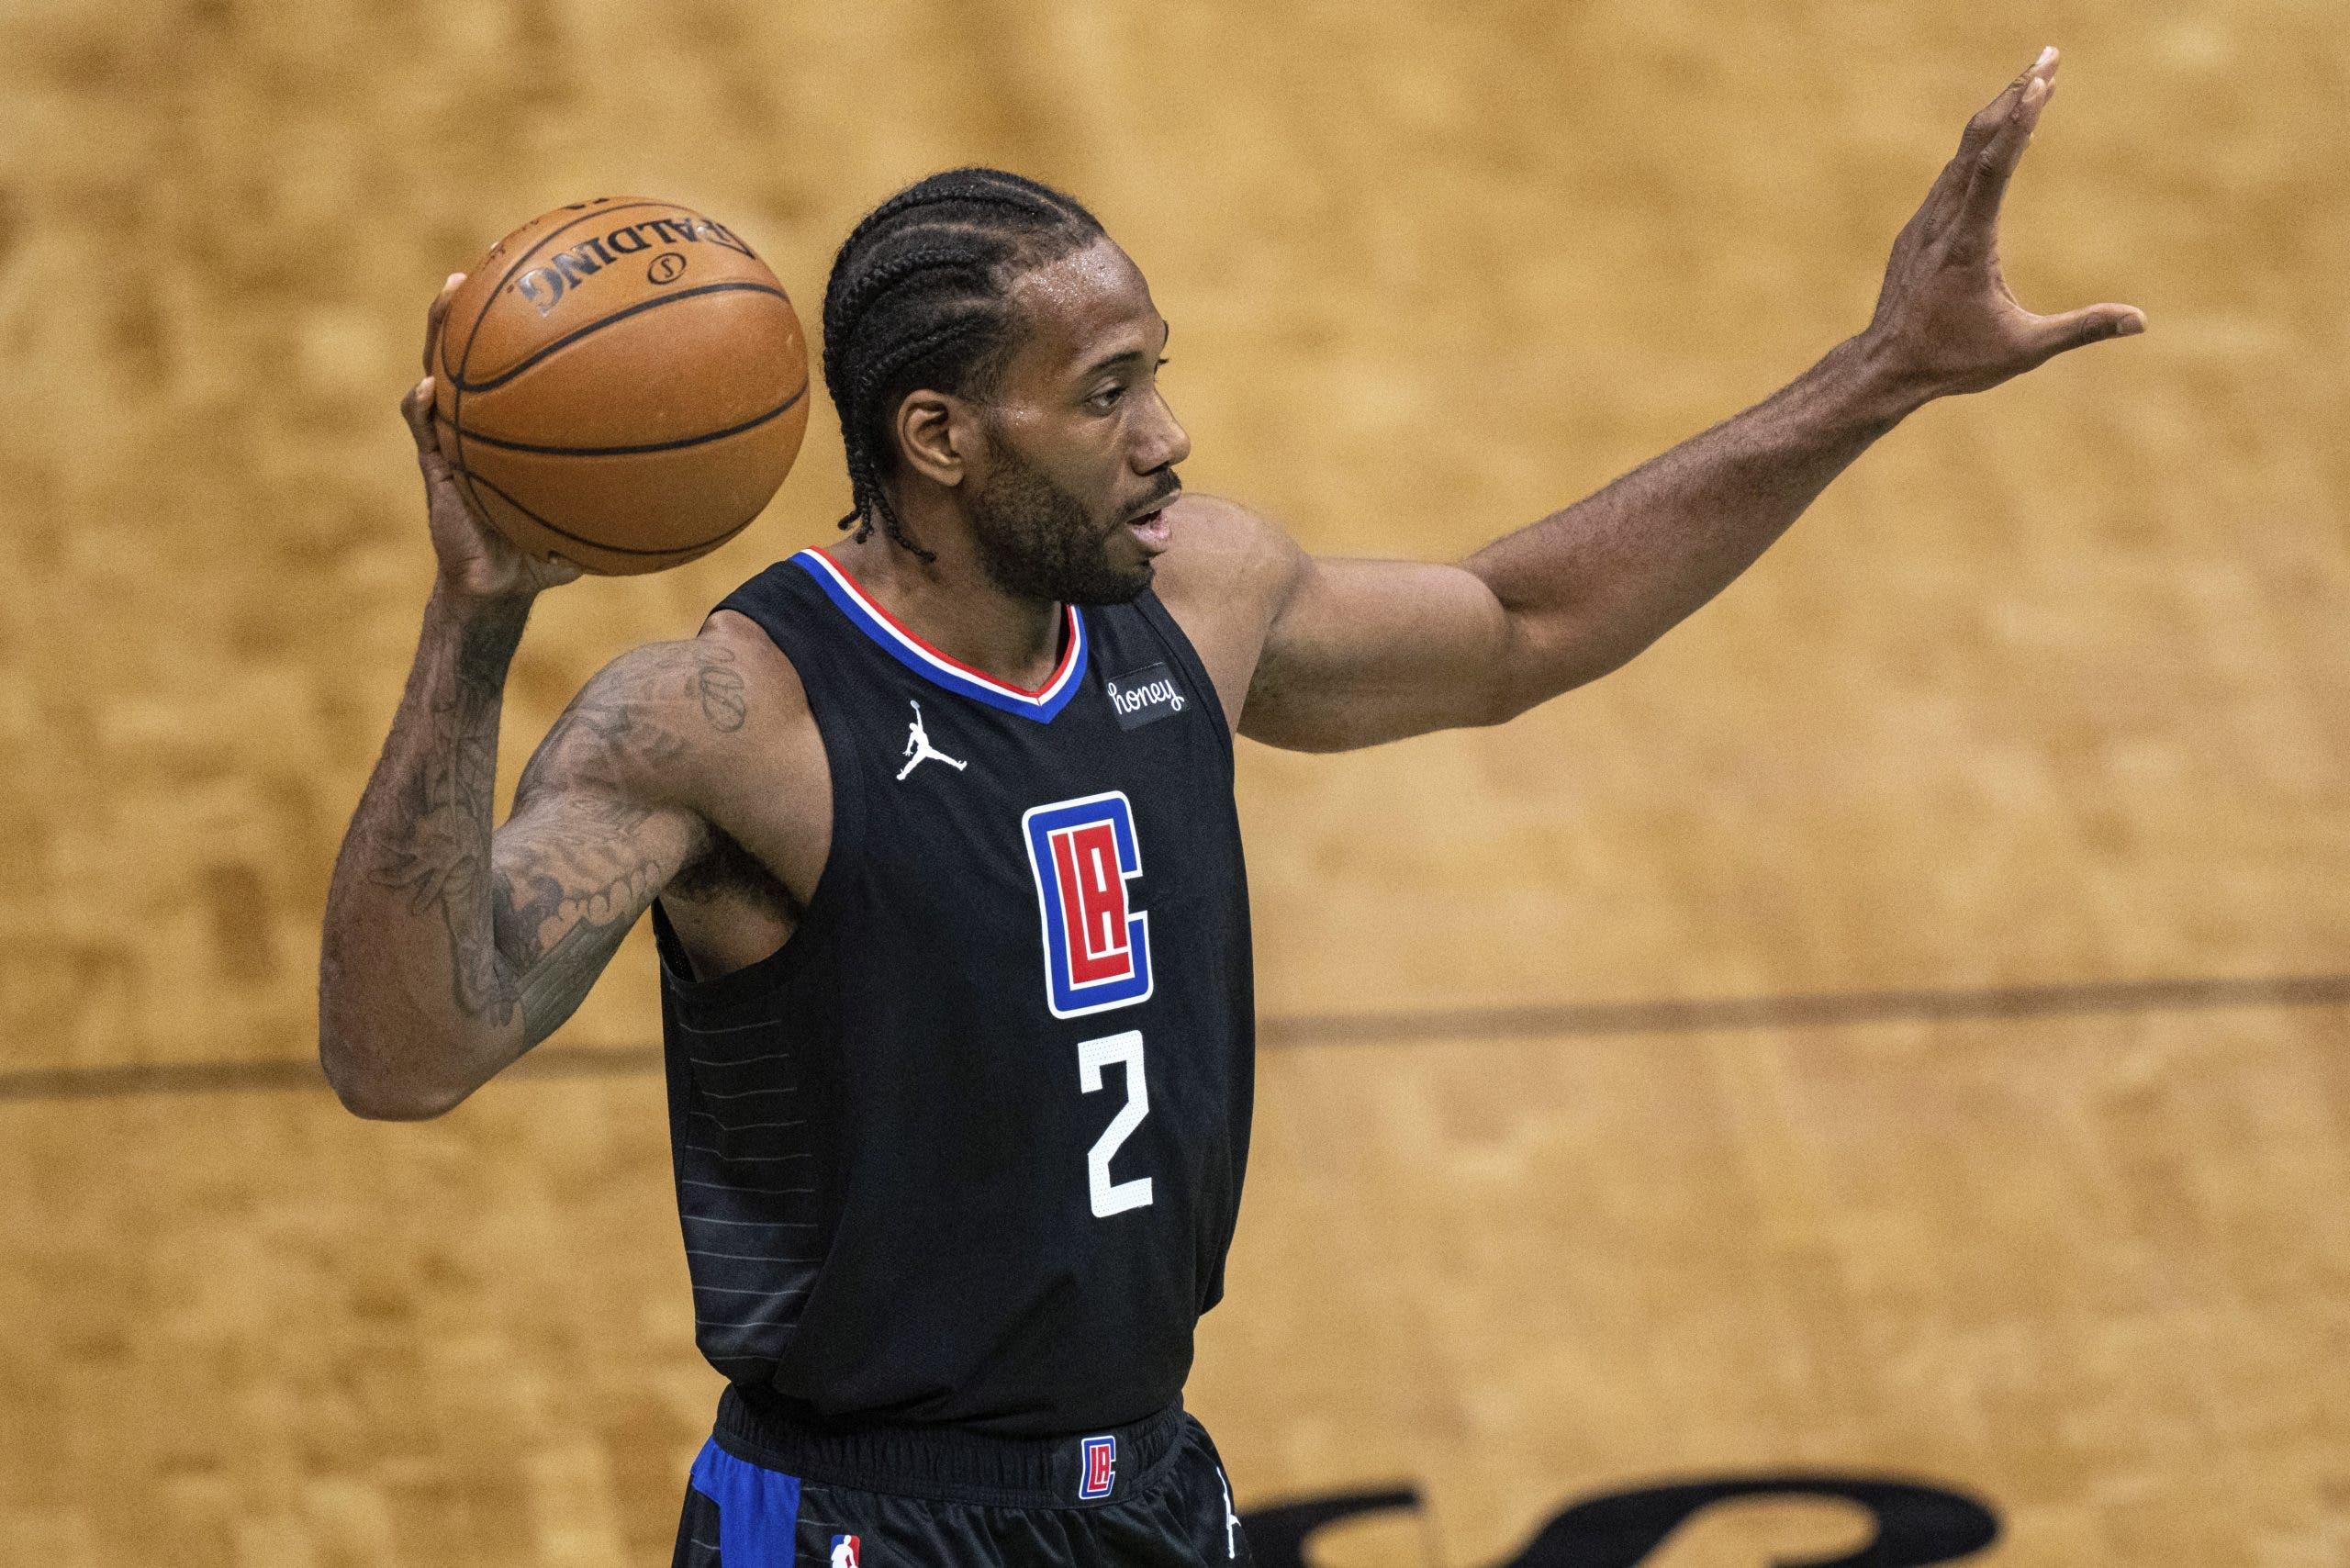 Clippers vuelven a firmar a la superestrella Kawhi Leonard por 176,3 millones de dólares